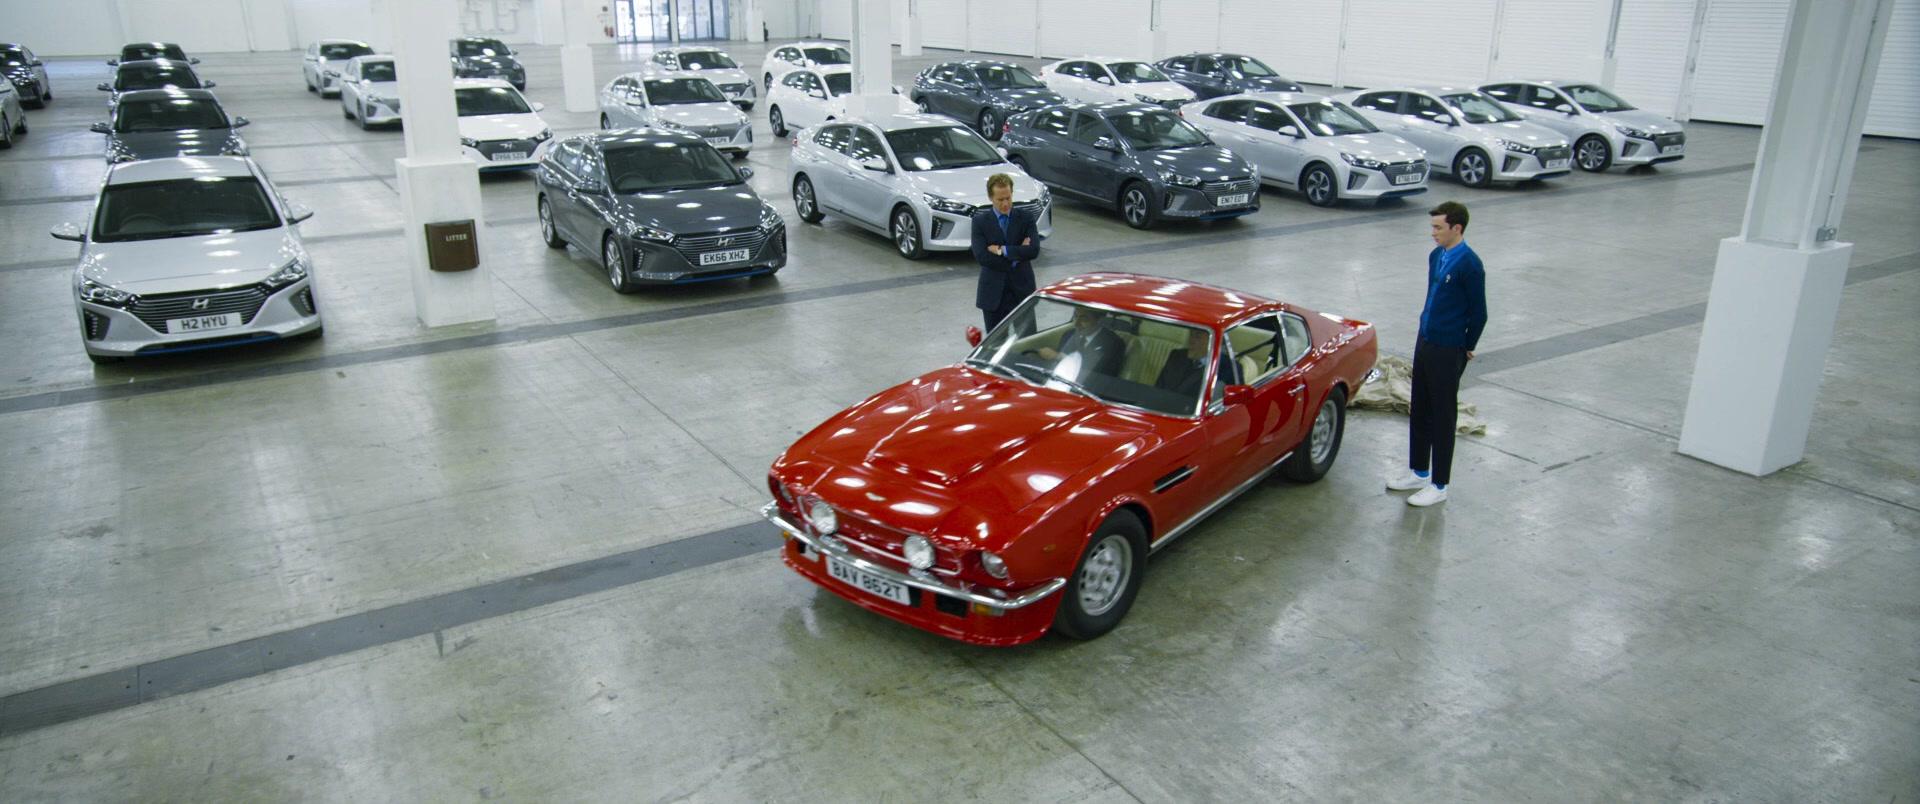 1979 Aston Martin V8 Vantage Mki Sports Car In Johnny